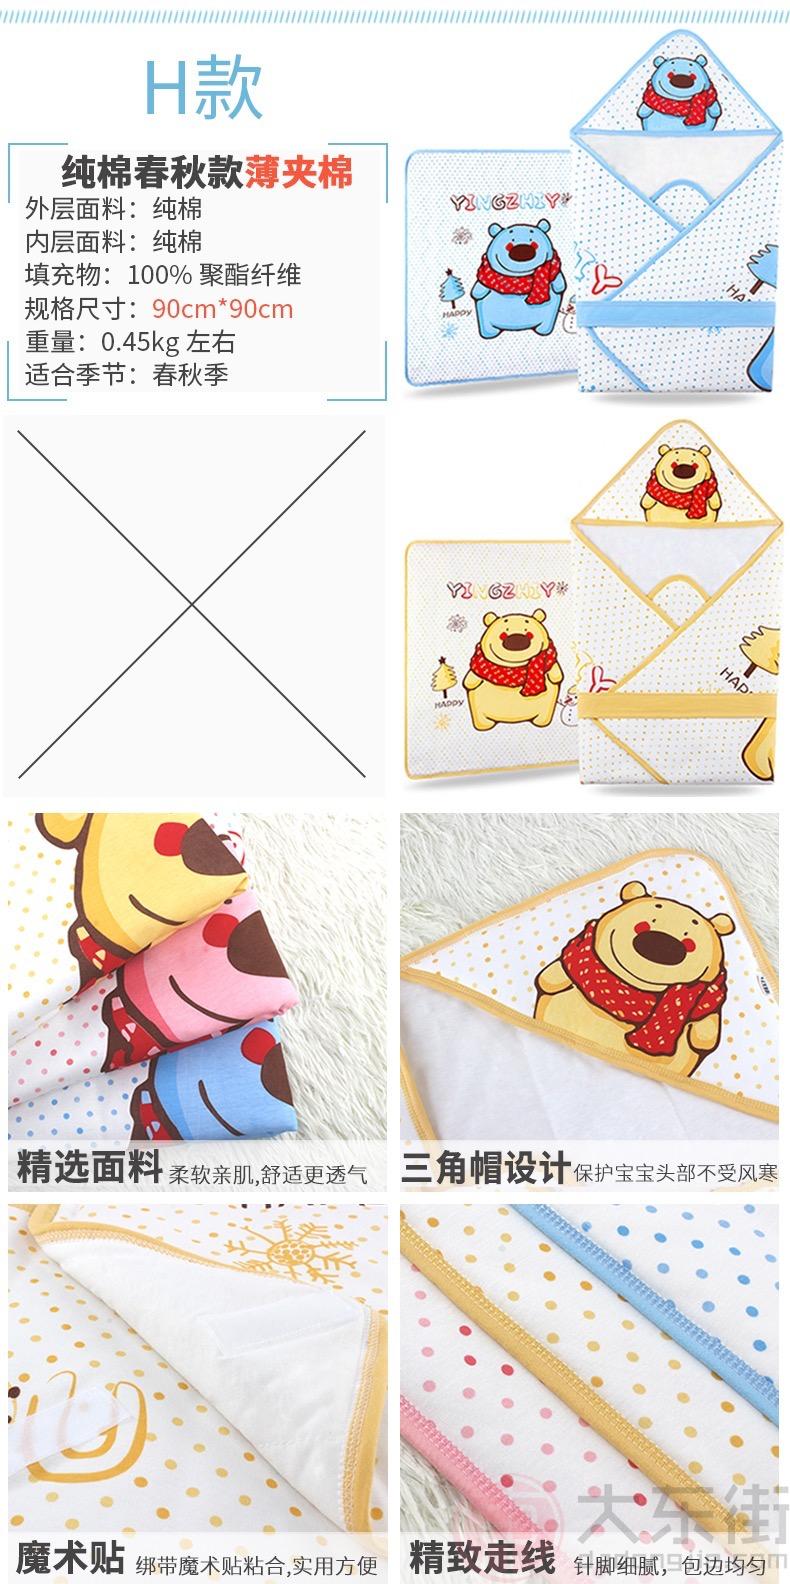 婴儿抱被纯棉春秋薄款小熊装饰